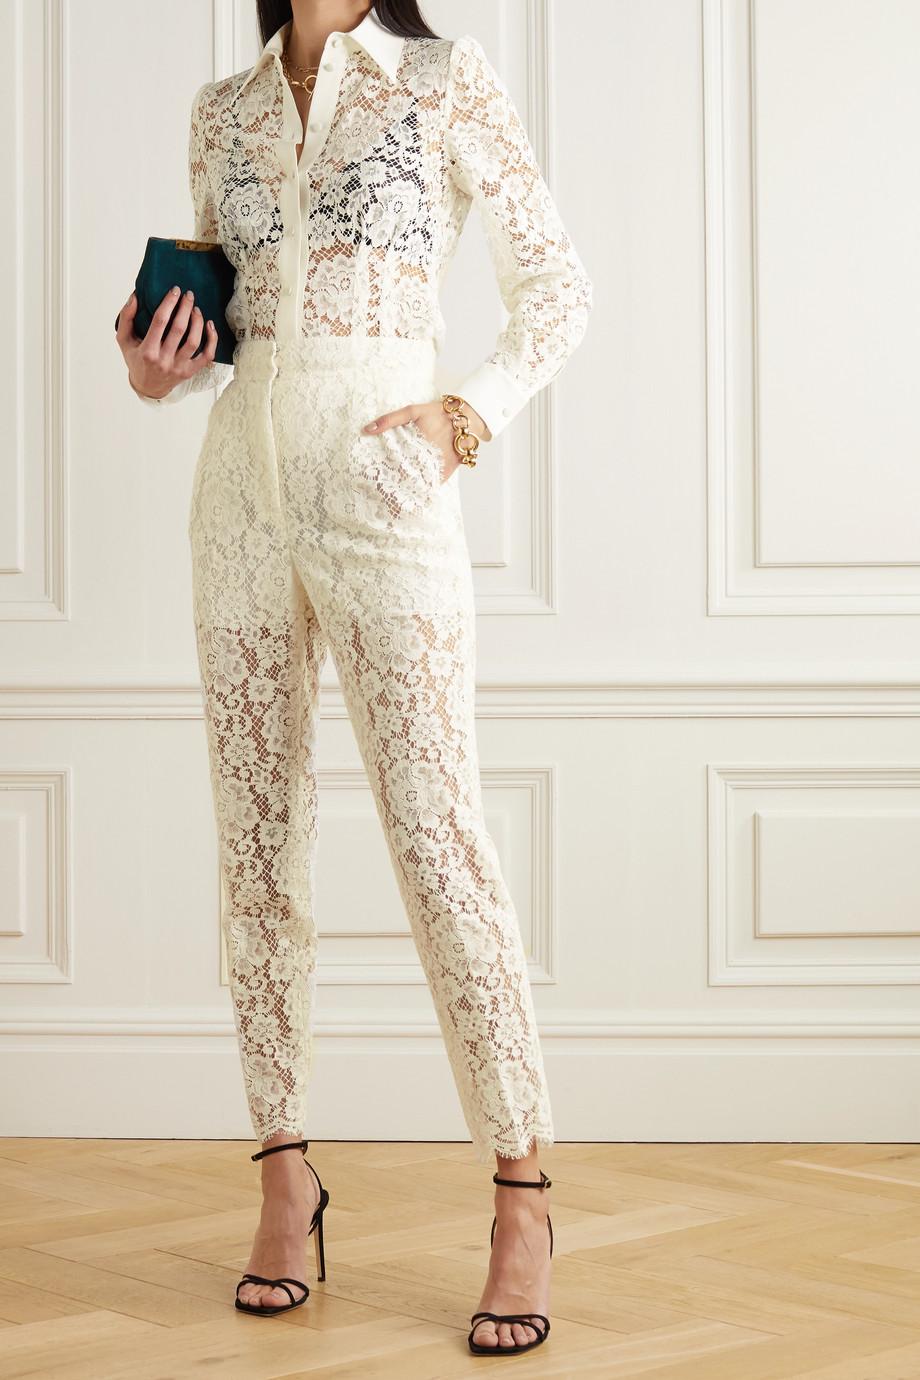 Dolce & Gabbana Hose mit schmalem Bein aus schnurgebundener Spitze aus einer Baumwollmischung